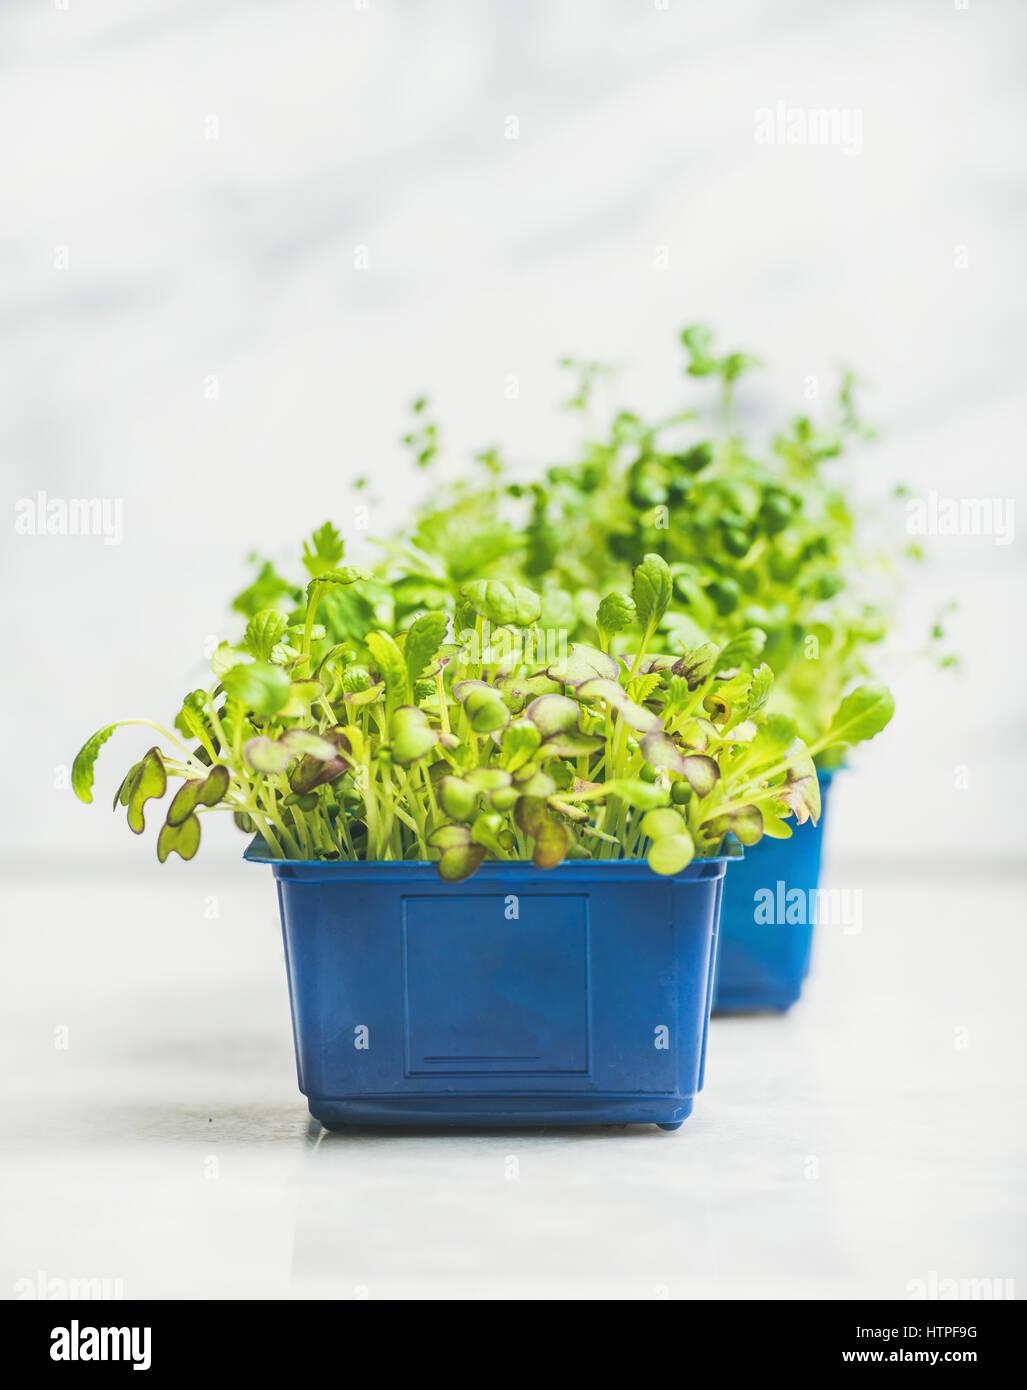 Primavera fresca verde berro rábano vivo brota en macetas de plástico azul sobre fondo de mármol Imagen De Stock